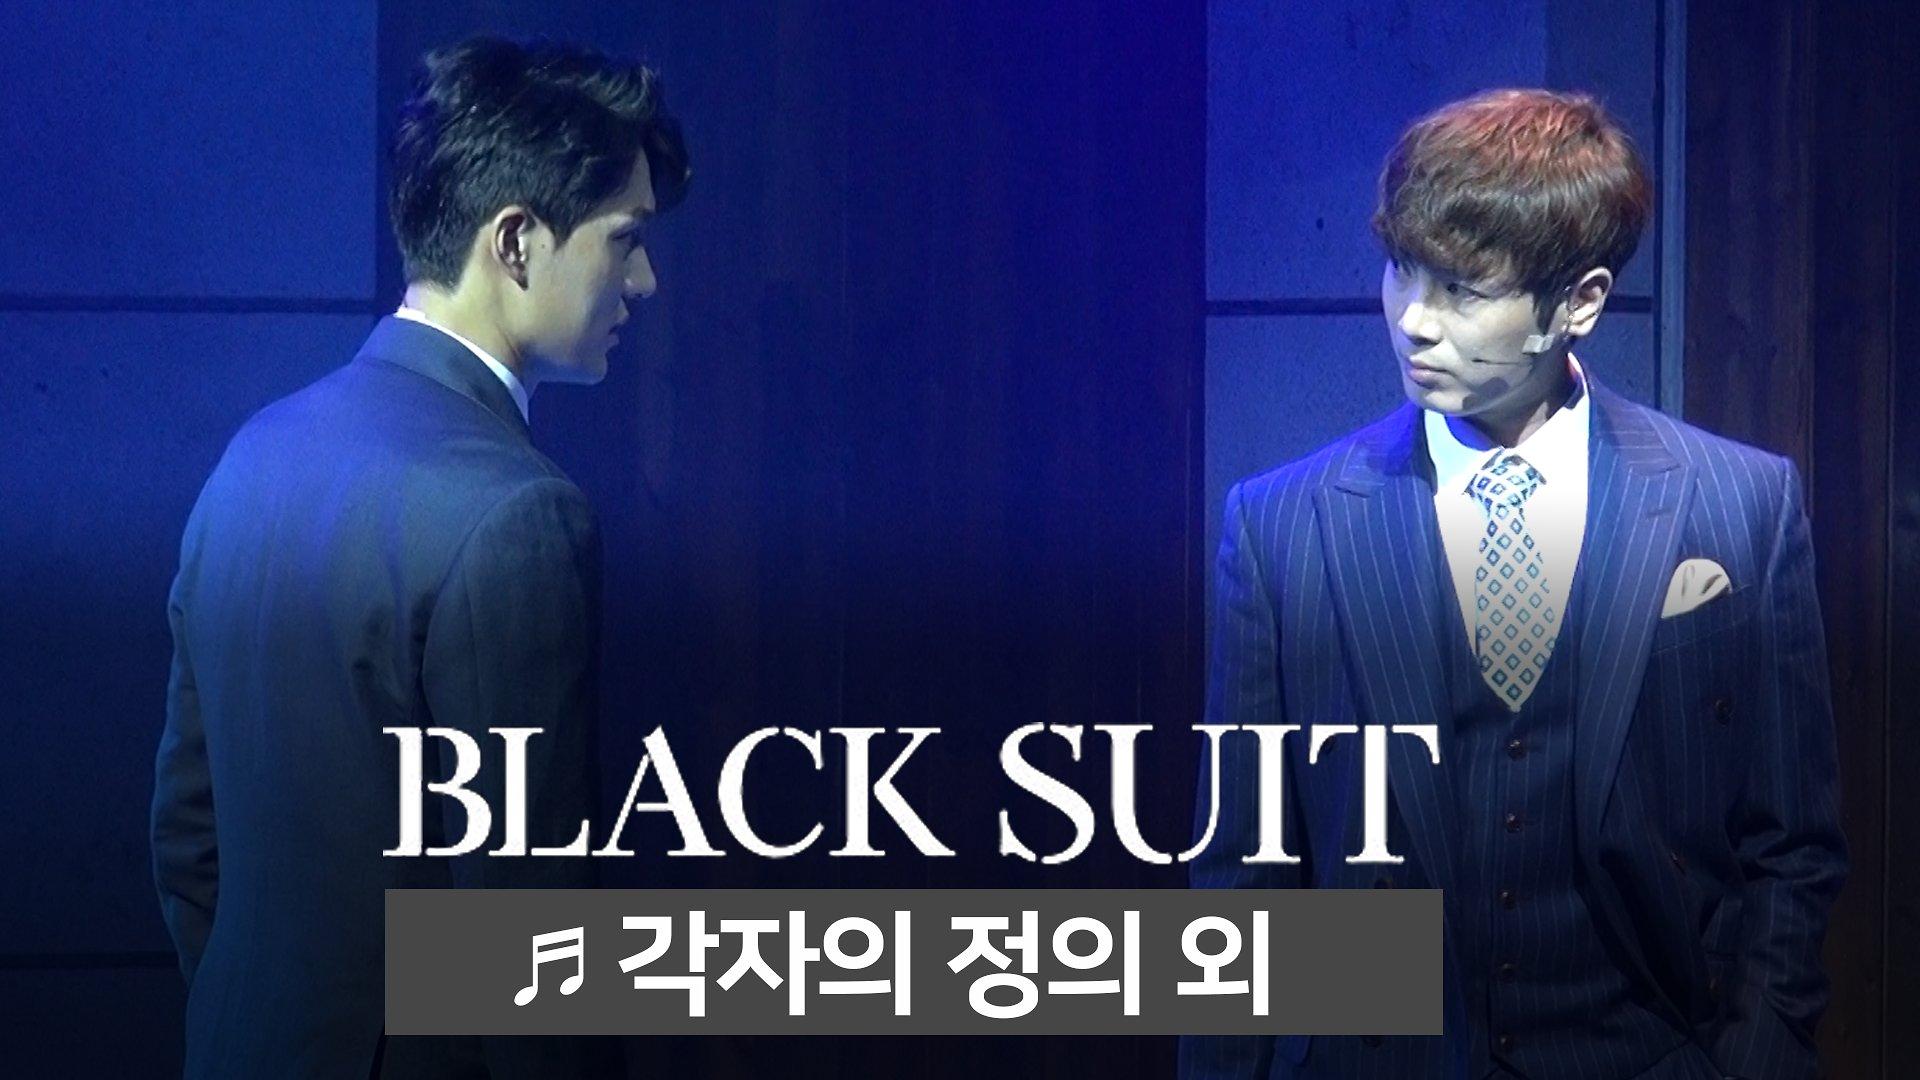 뮤지컬 '블랙슈트' 2019 프레스콜 '각자의 정의' '이젠 다 끝이야' - 조풍래, 박규원, 왕시명, 최민우